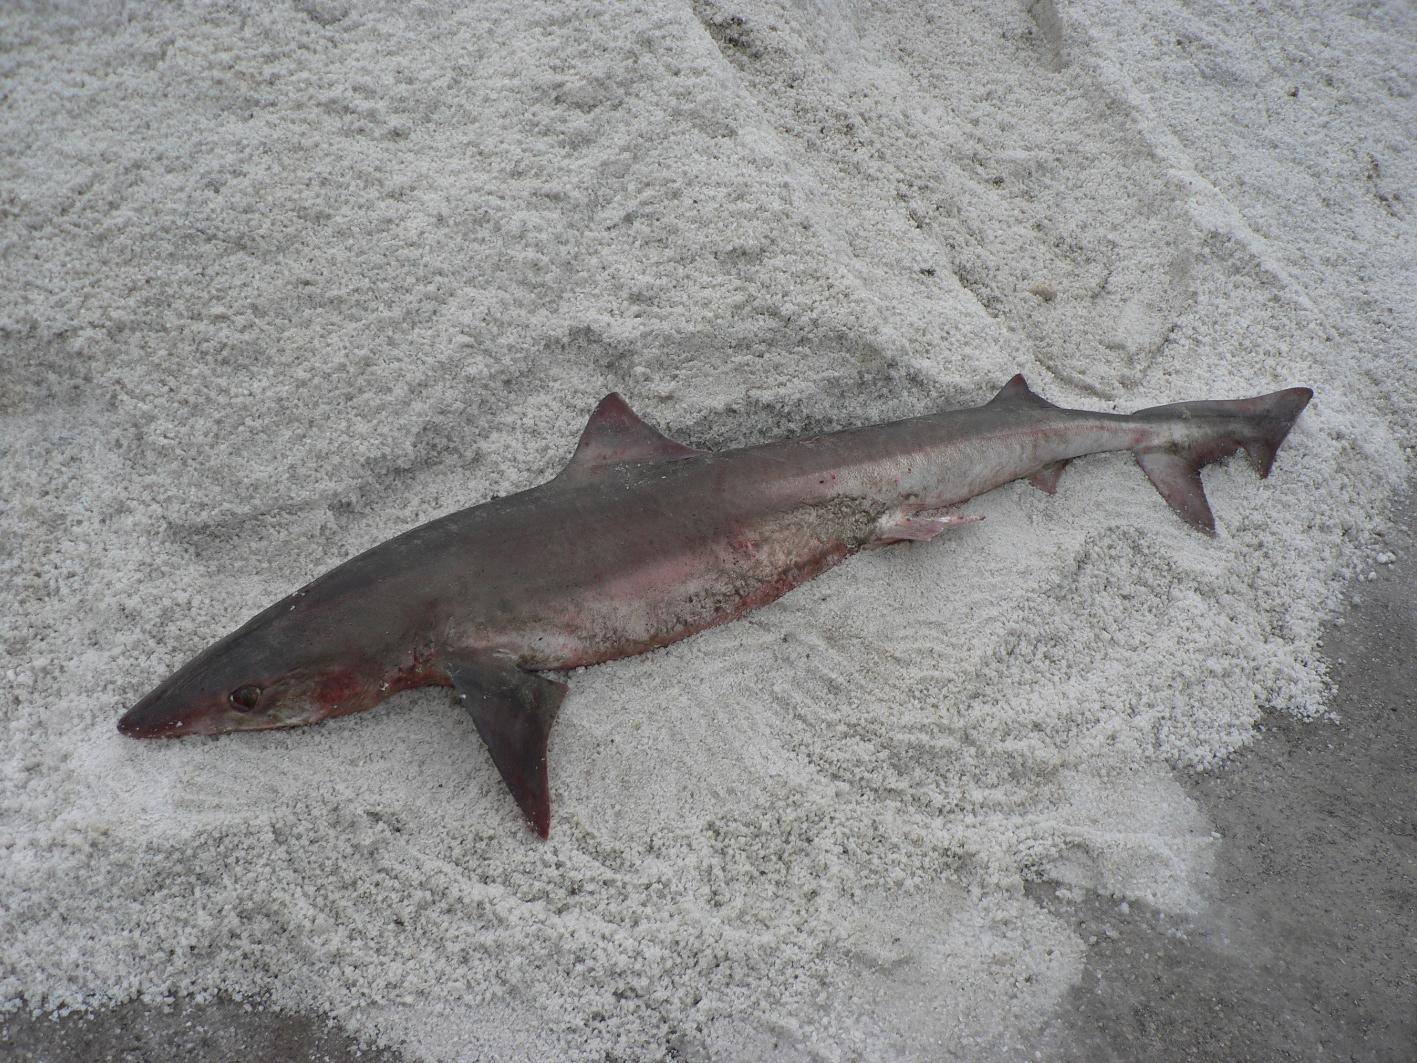 sexe nature requin du sexe